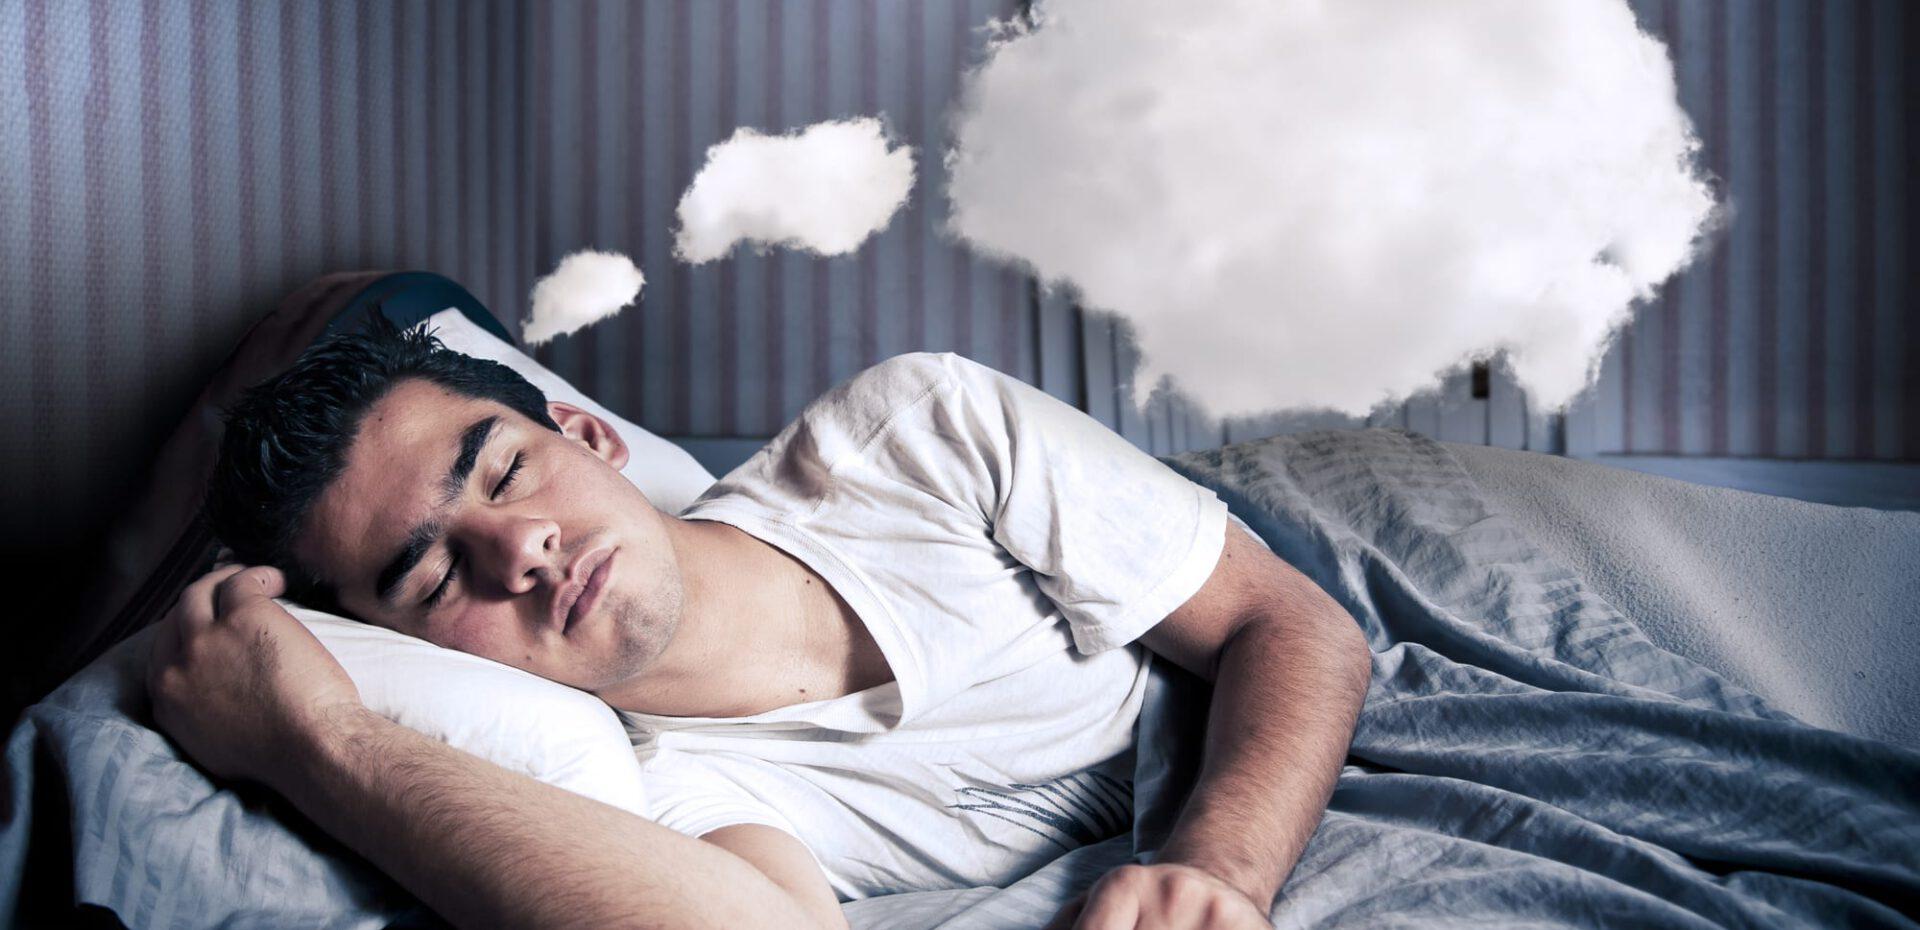 رویاهایی که در خواب می بینیم